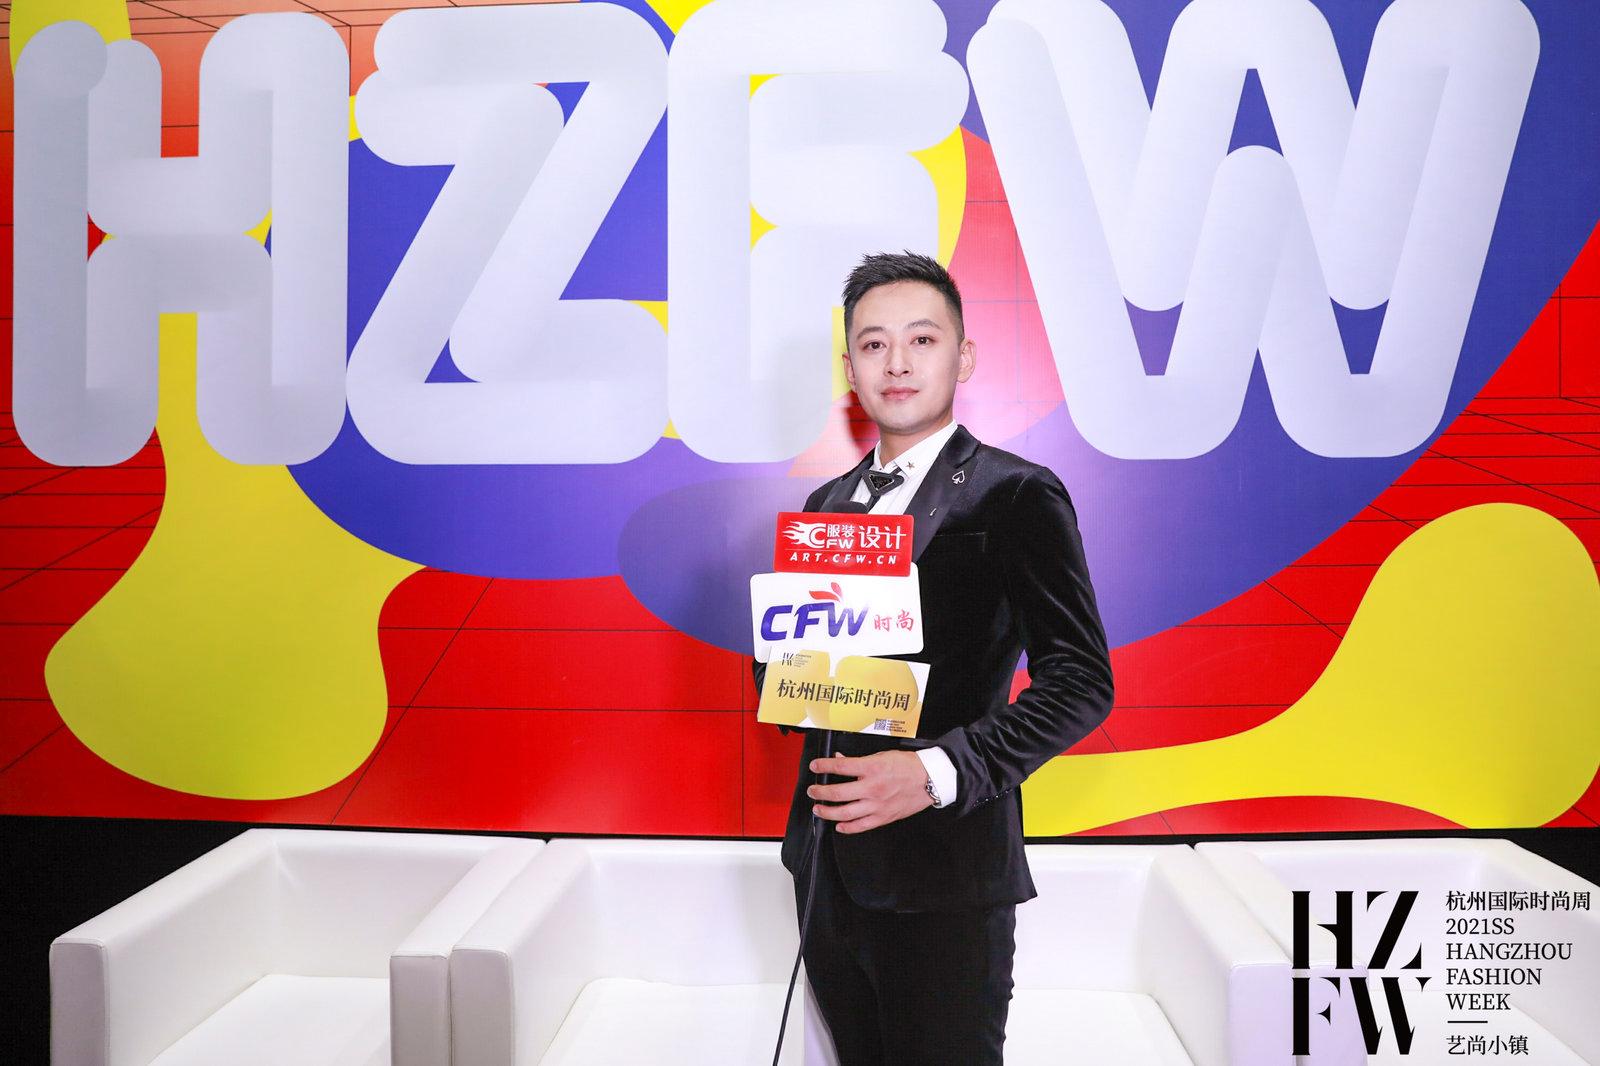 2021ss杭州國際時尚周丨CFW時尚專訪LANG COUTURE設計師齊斌